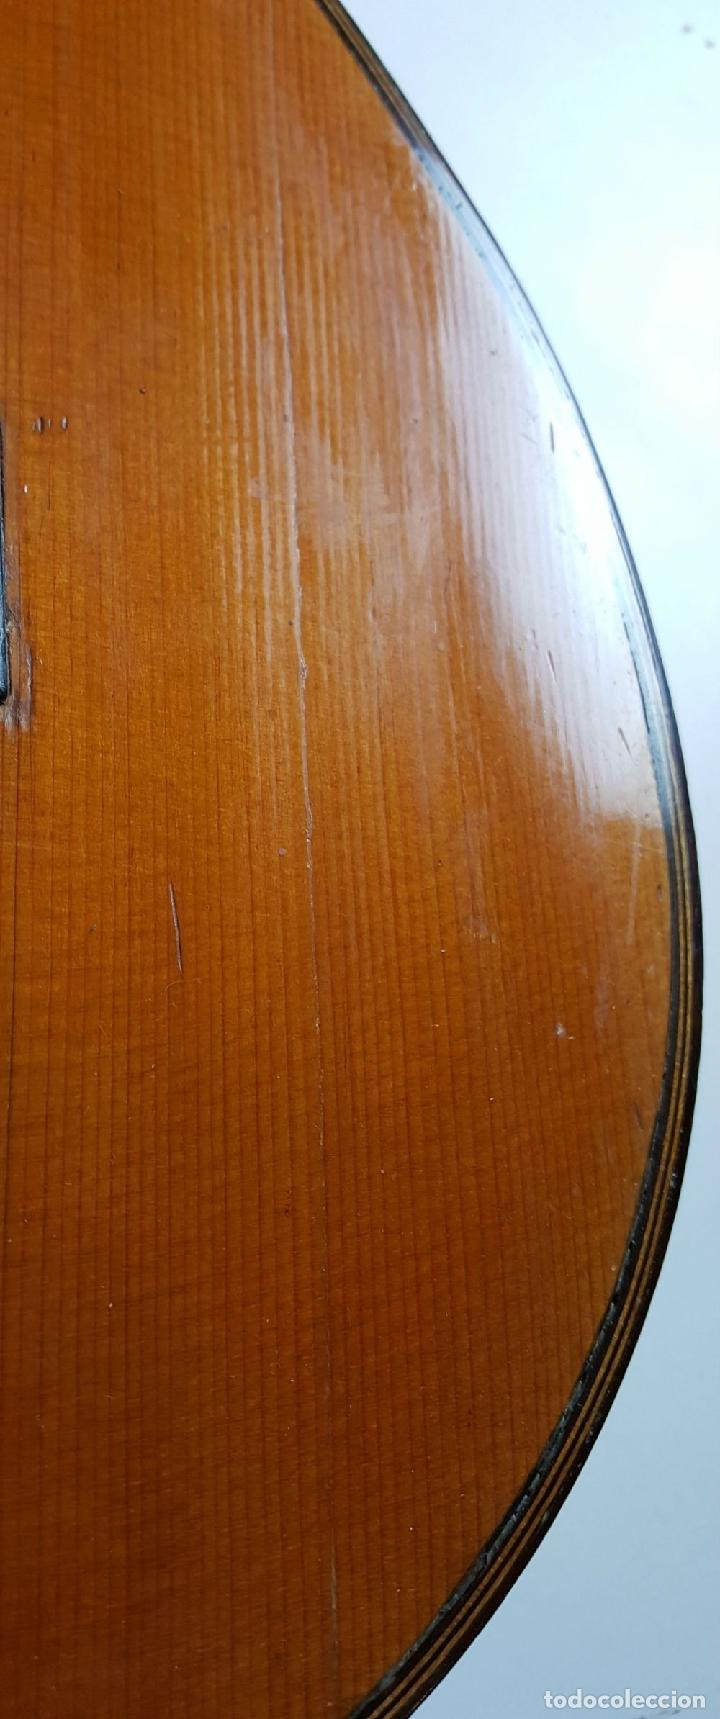 Instrumentos musicales: GUITARRA DE CONCIERTO. FRANCISCO MANUEL FLETA. BARCELONA. FABRICADA EN 1968. - Foto 14 - 206837113